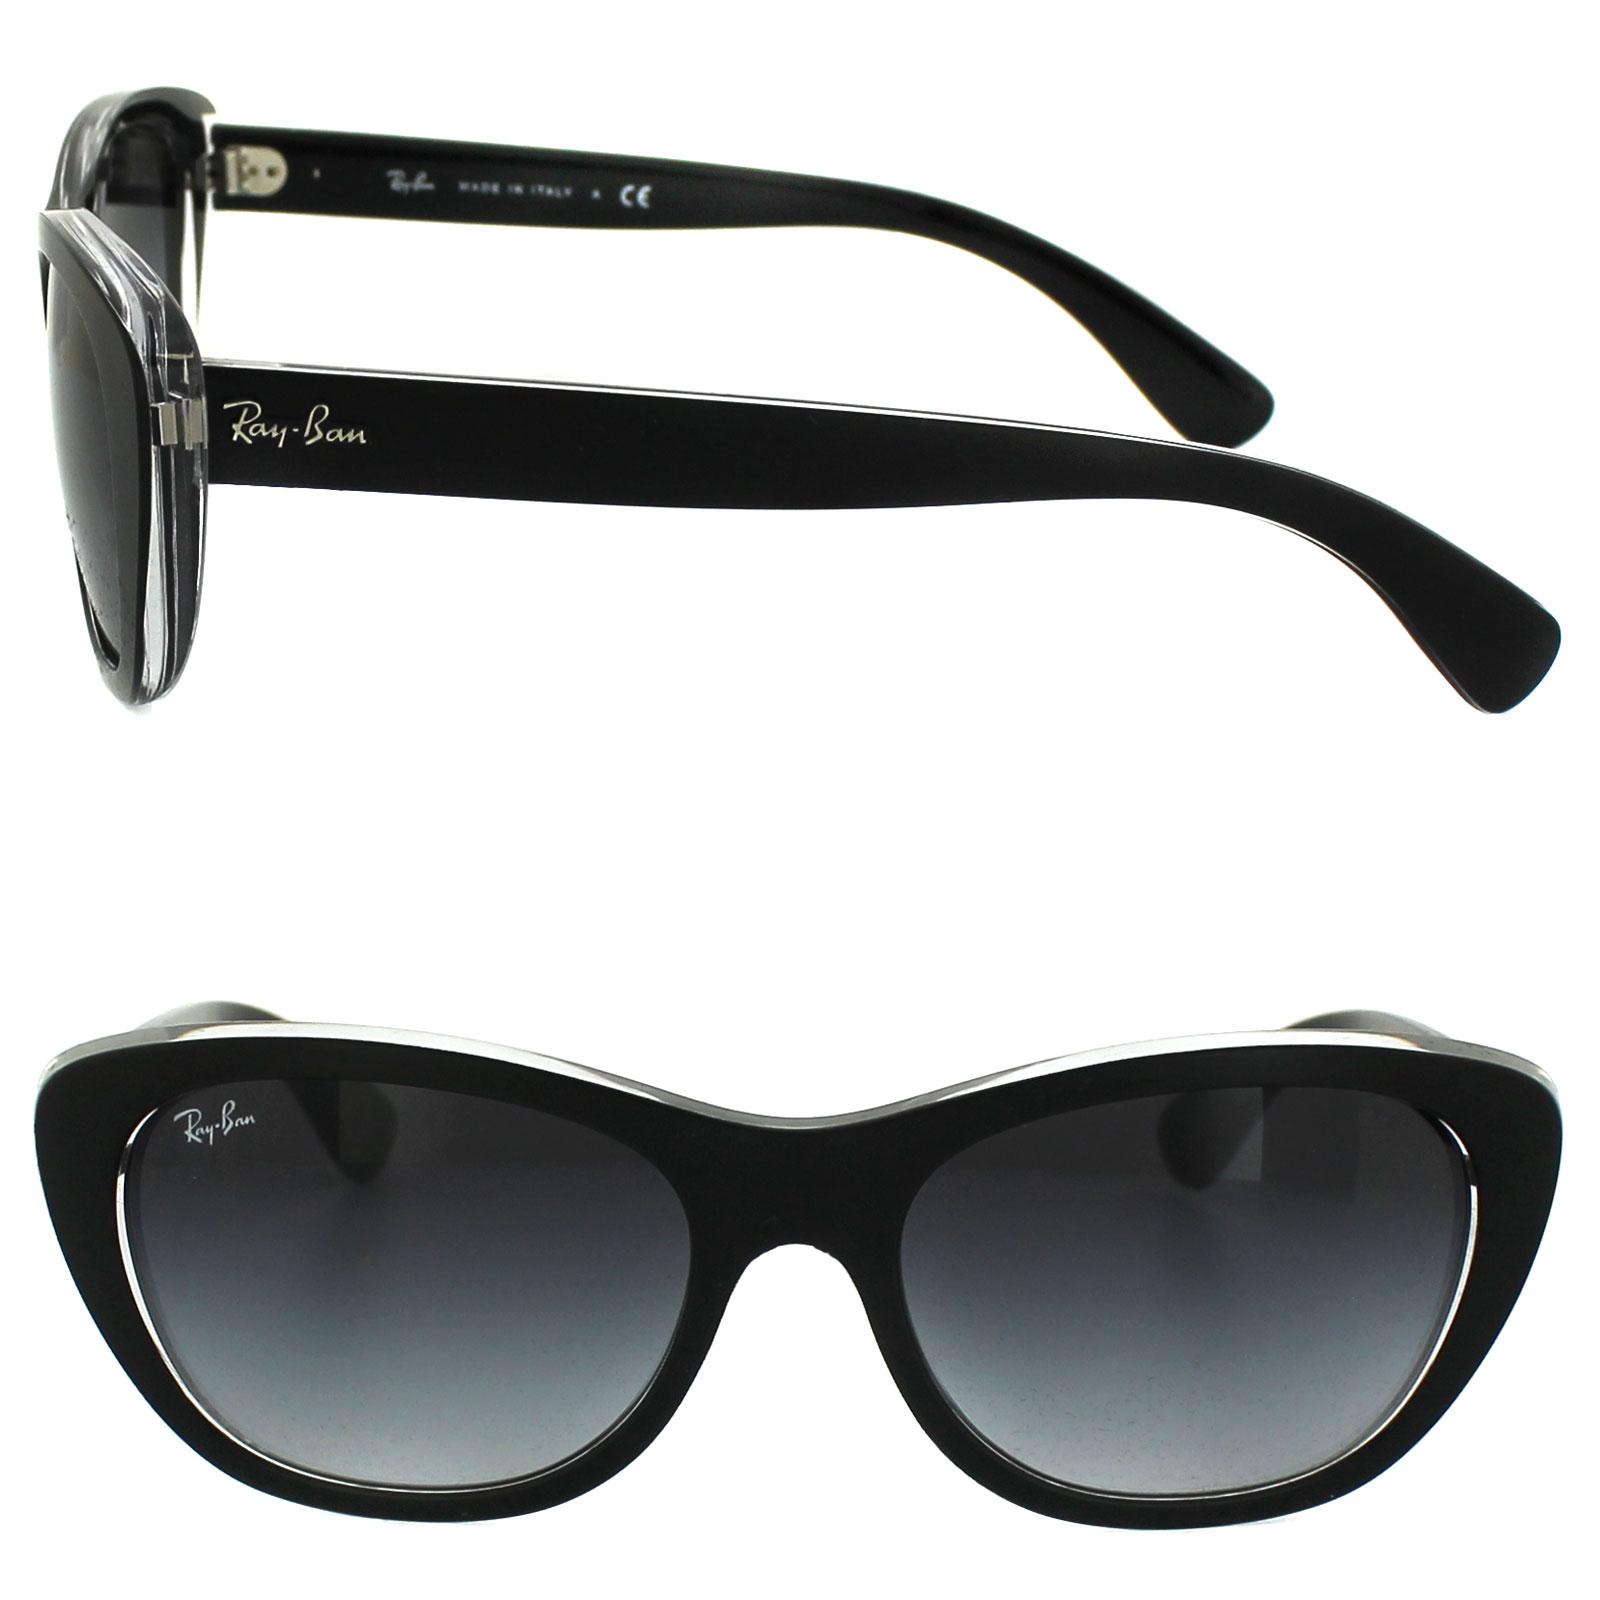 cheap ray ban frames hf1u  Ray-Ban 4227 Sunglasses Thumbnail 2